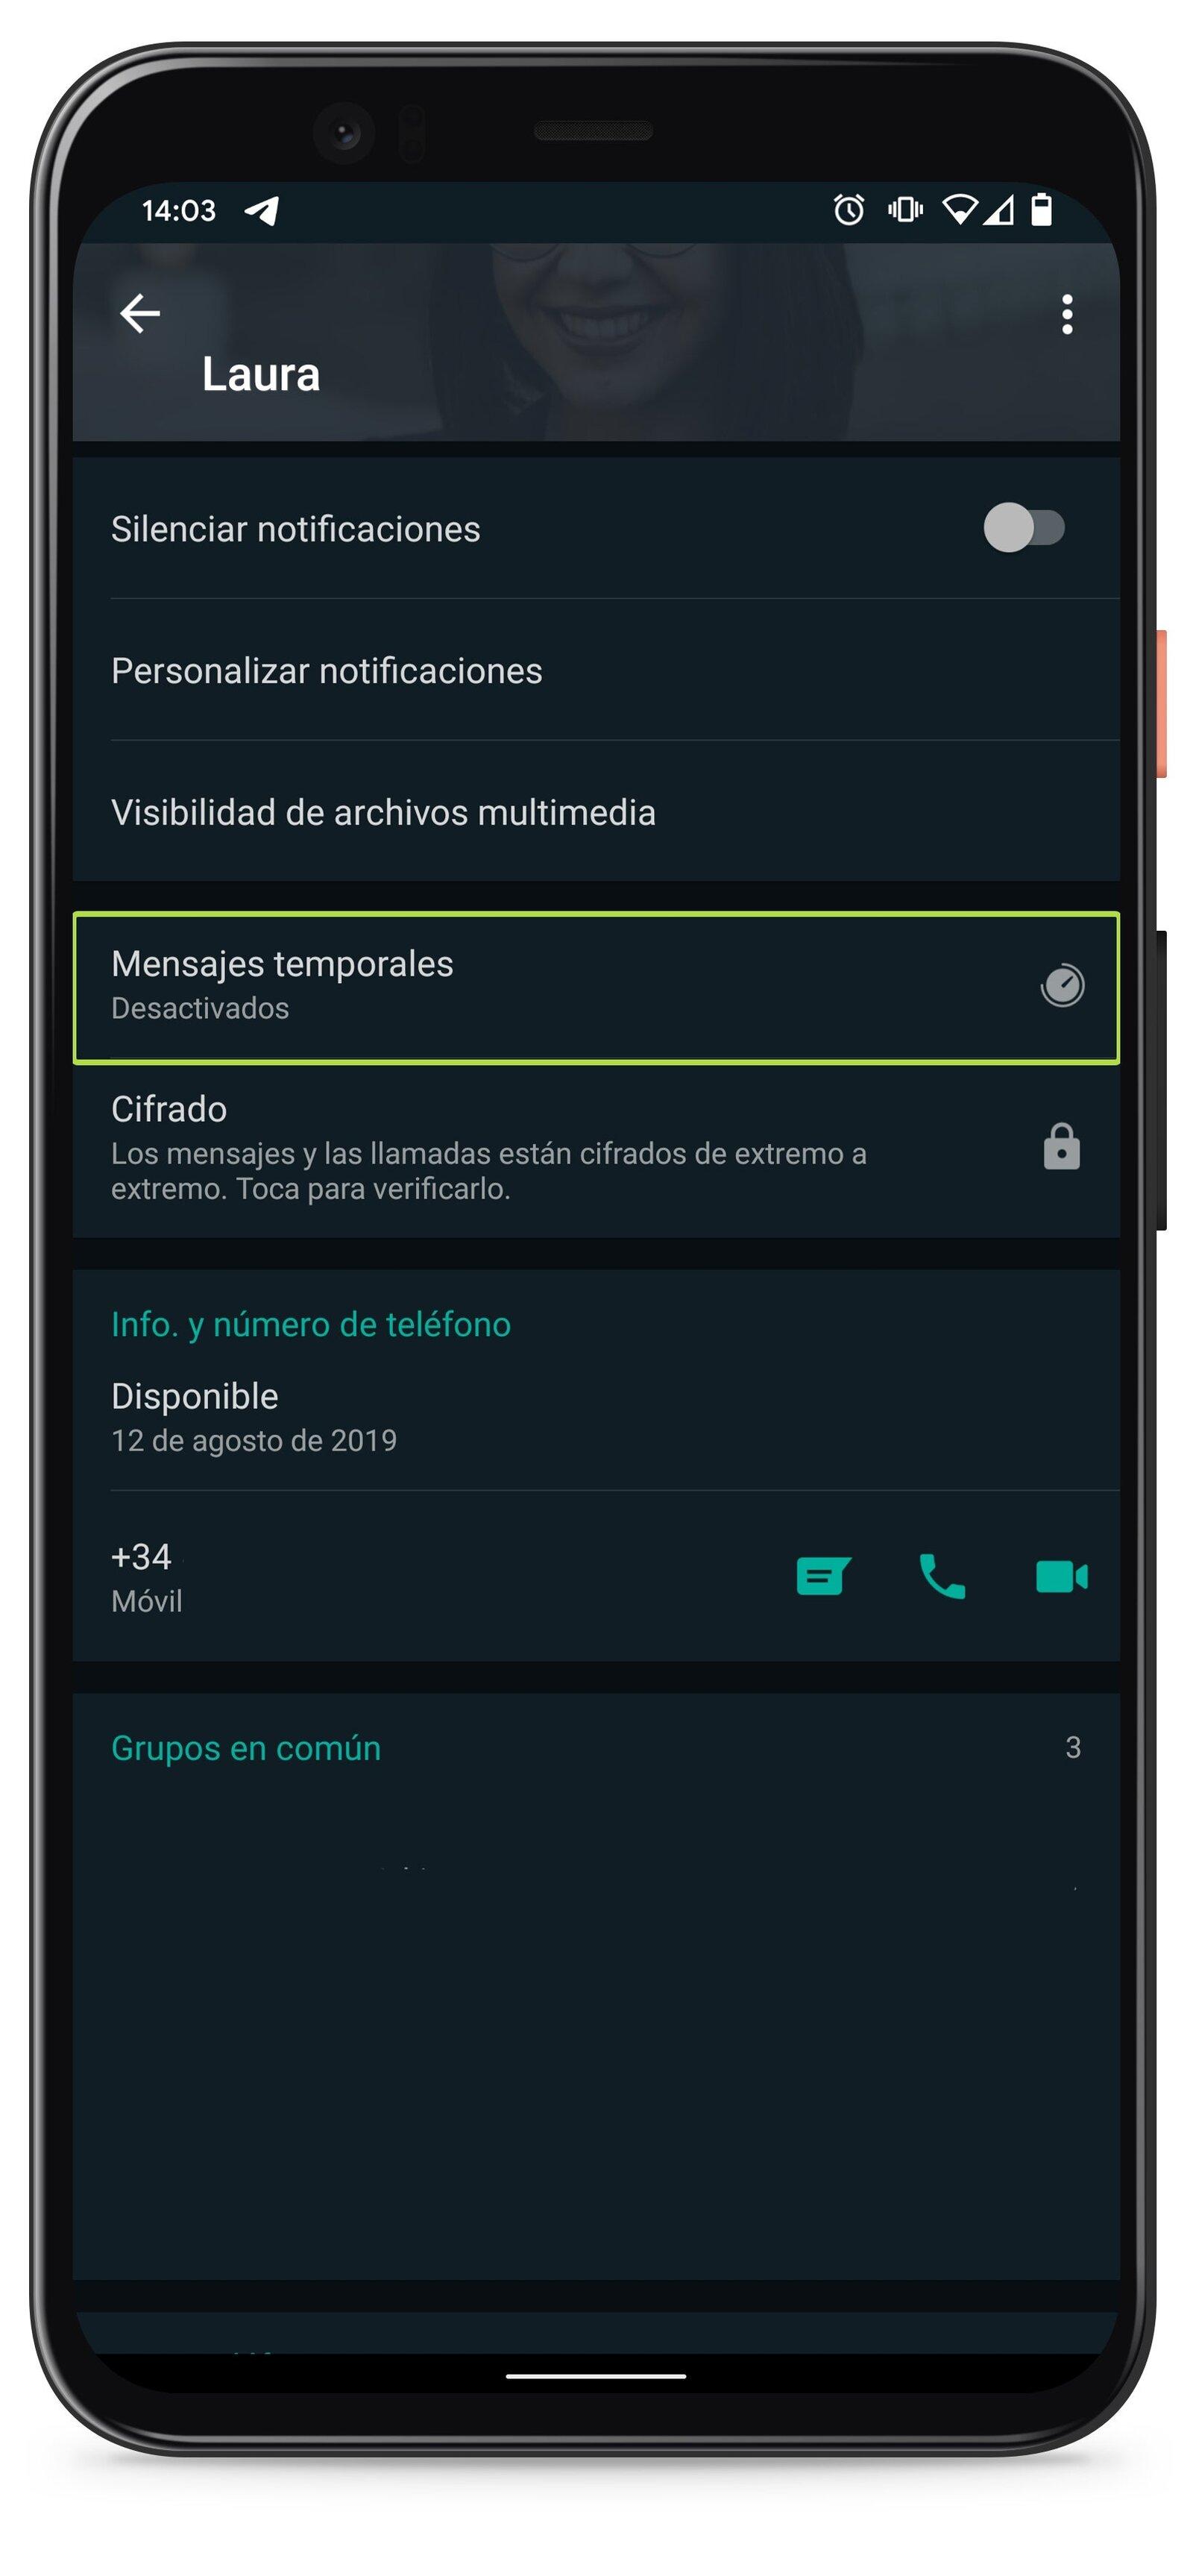 WhatsApp: pour que vous puissiez activer les messages qui disparaissent